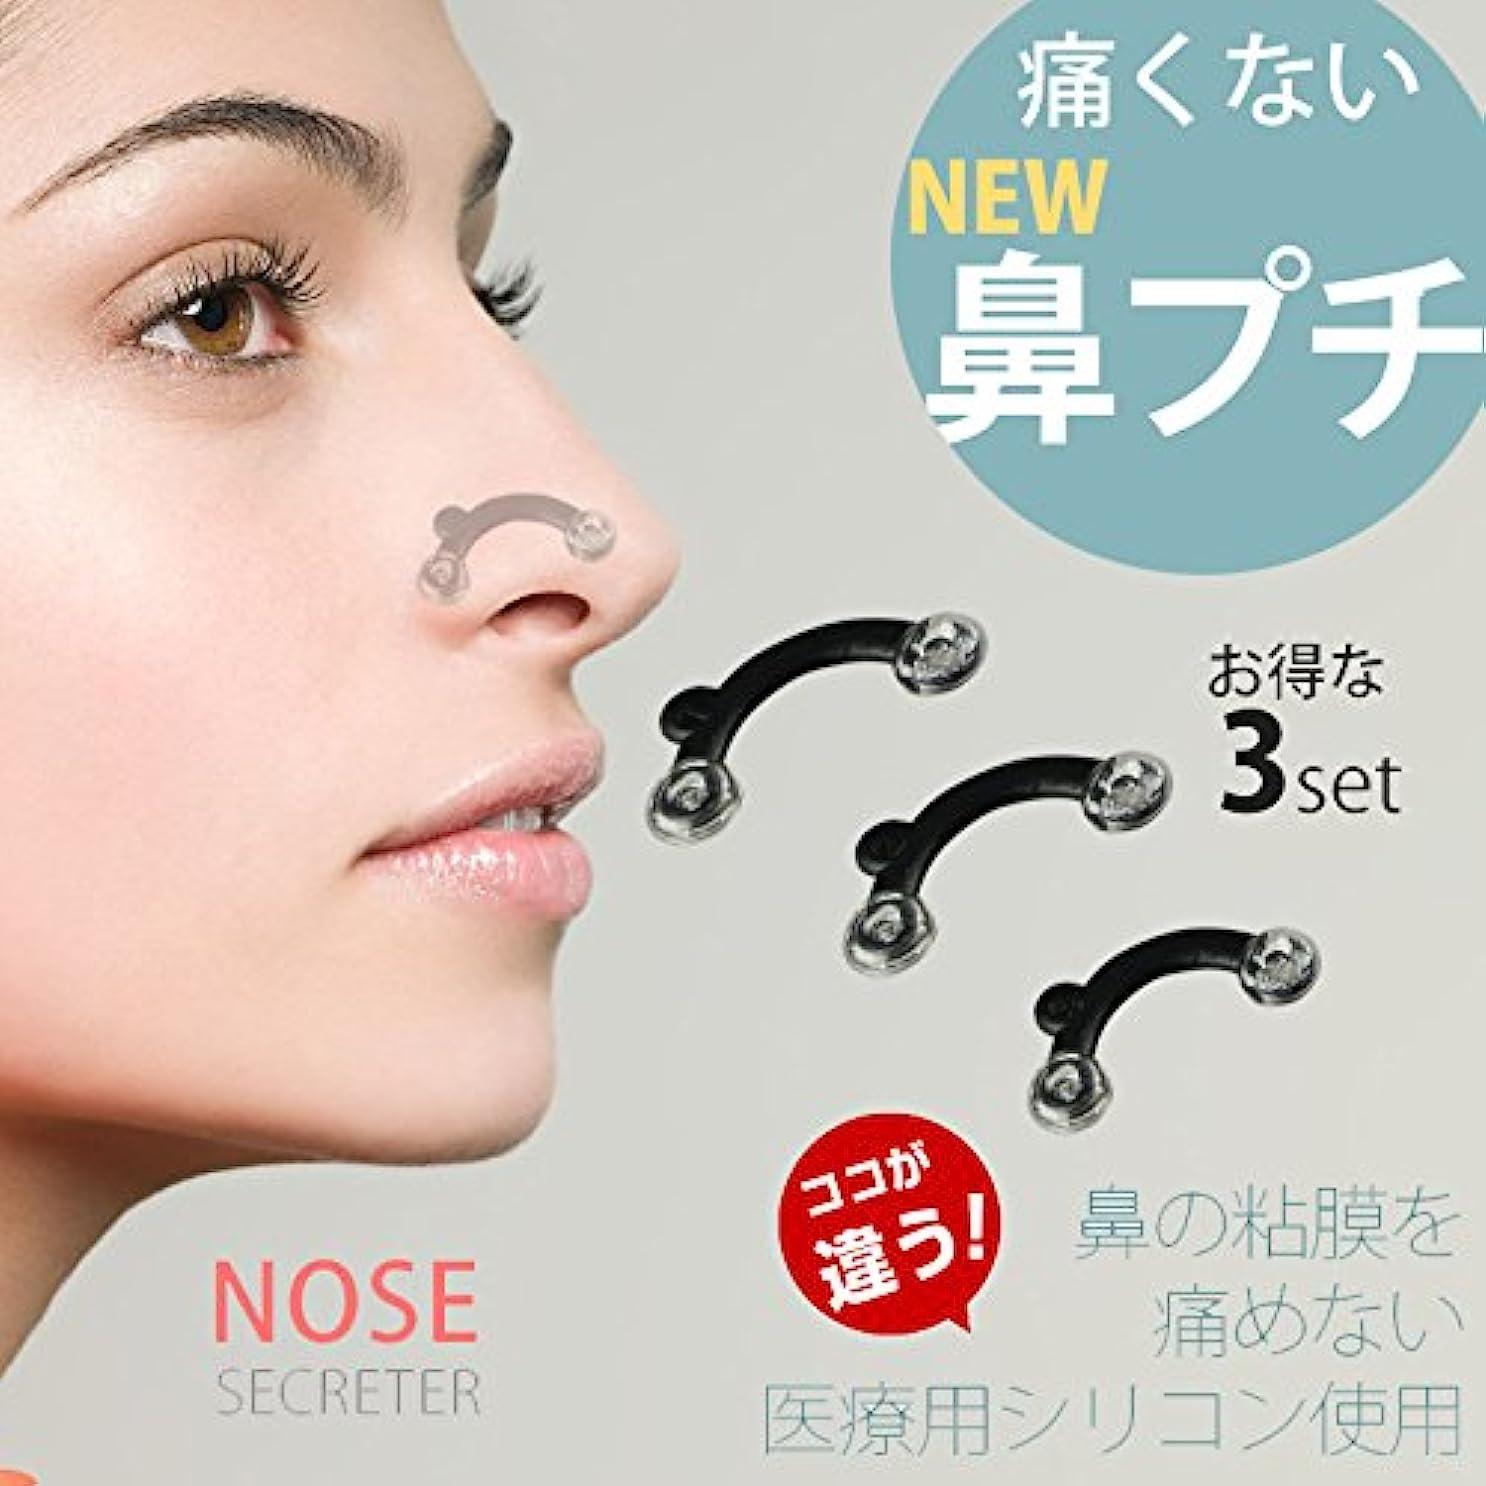 確立前回復するOUSENEI 鼻プチ 矯正プチ 美鼻 整形せず 医療用シリコン製 柔らかい 痛くない ハナのアイプチ 24.5mm/25.5mm/27mm 全3サイズ 3点セット (ブラック)